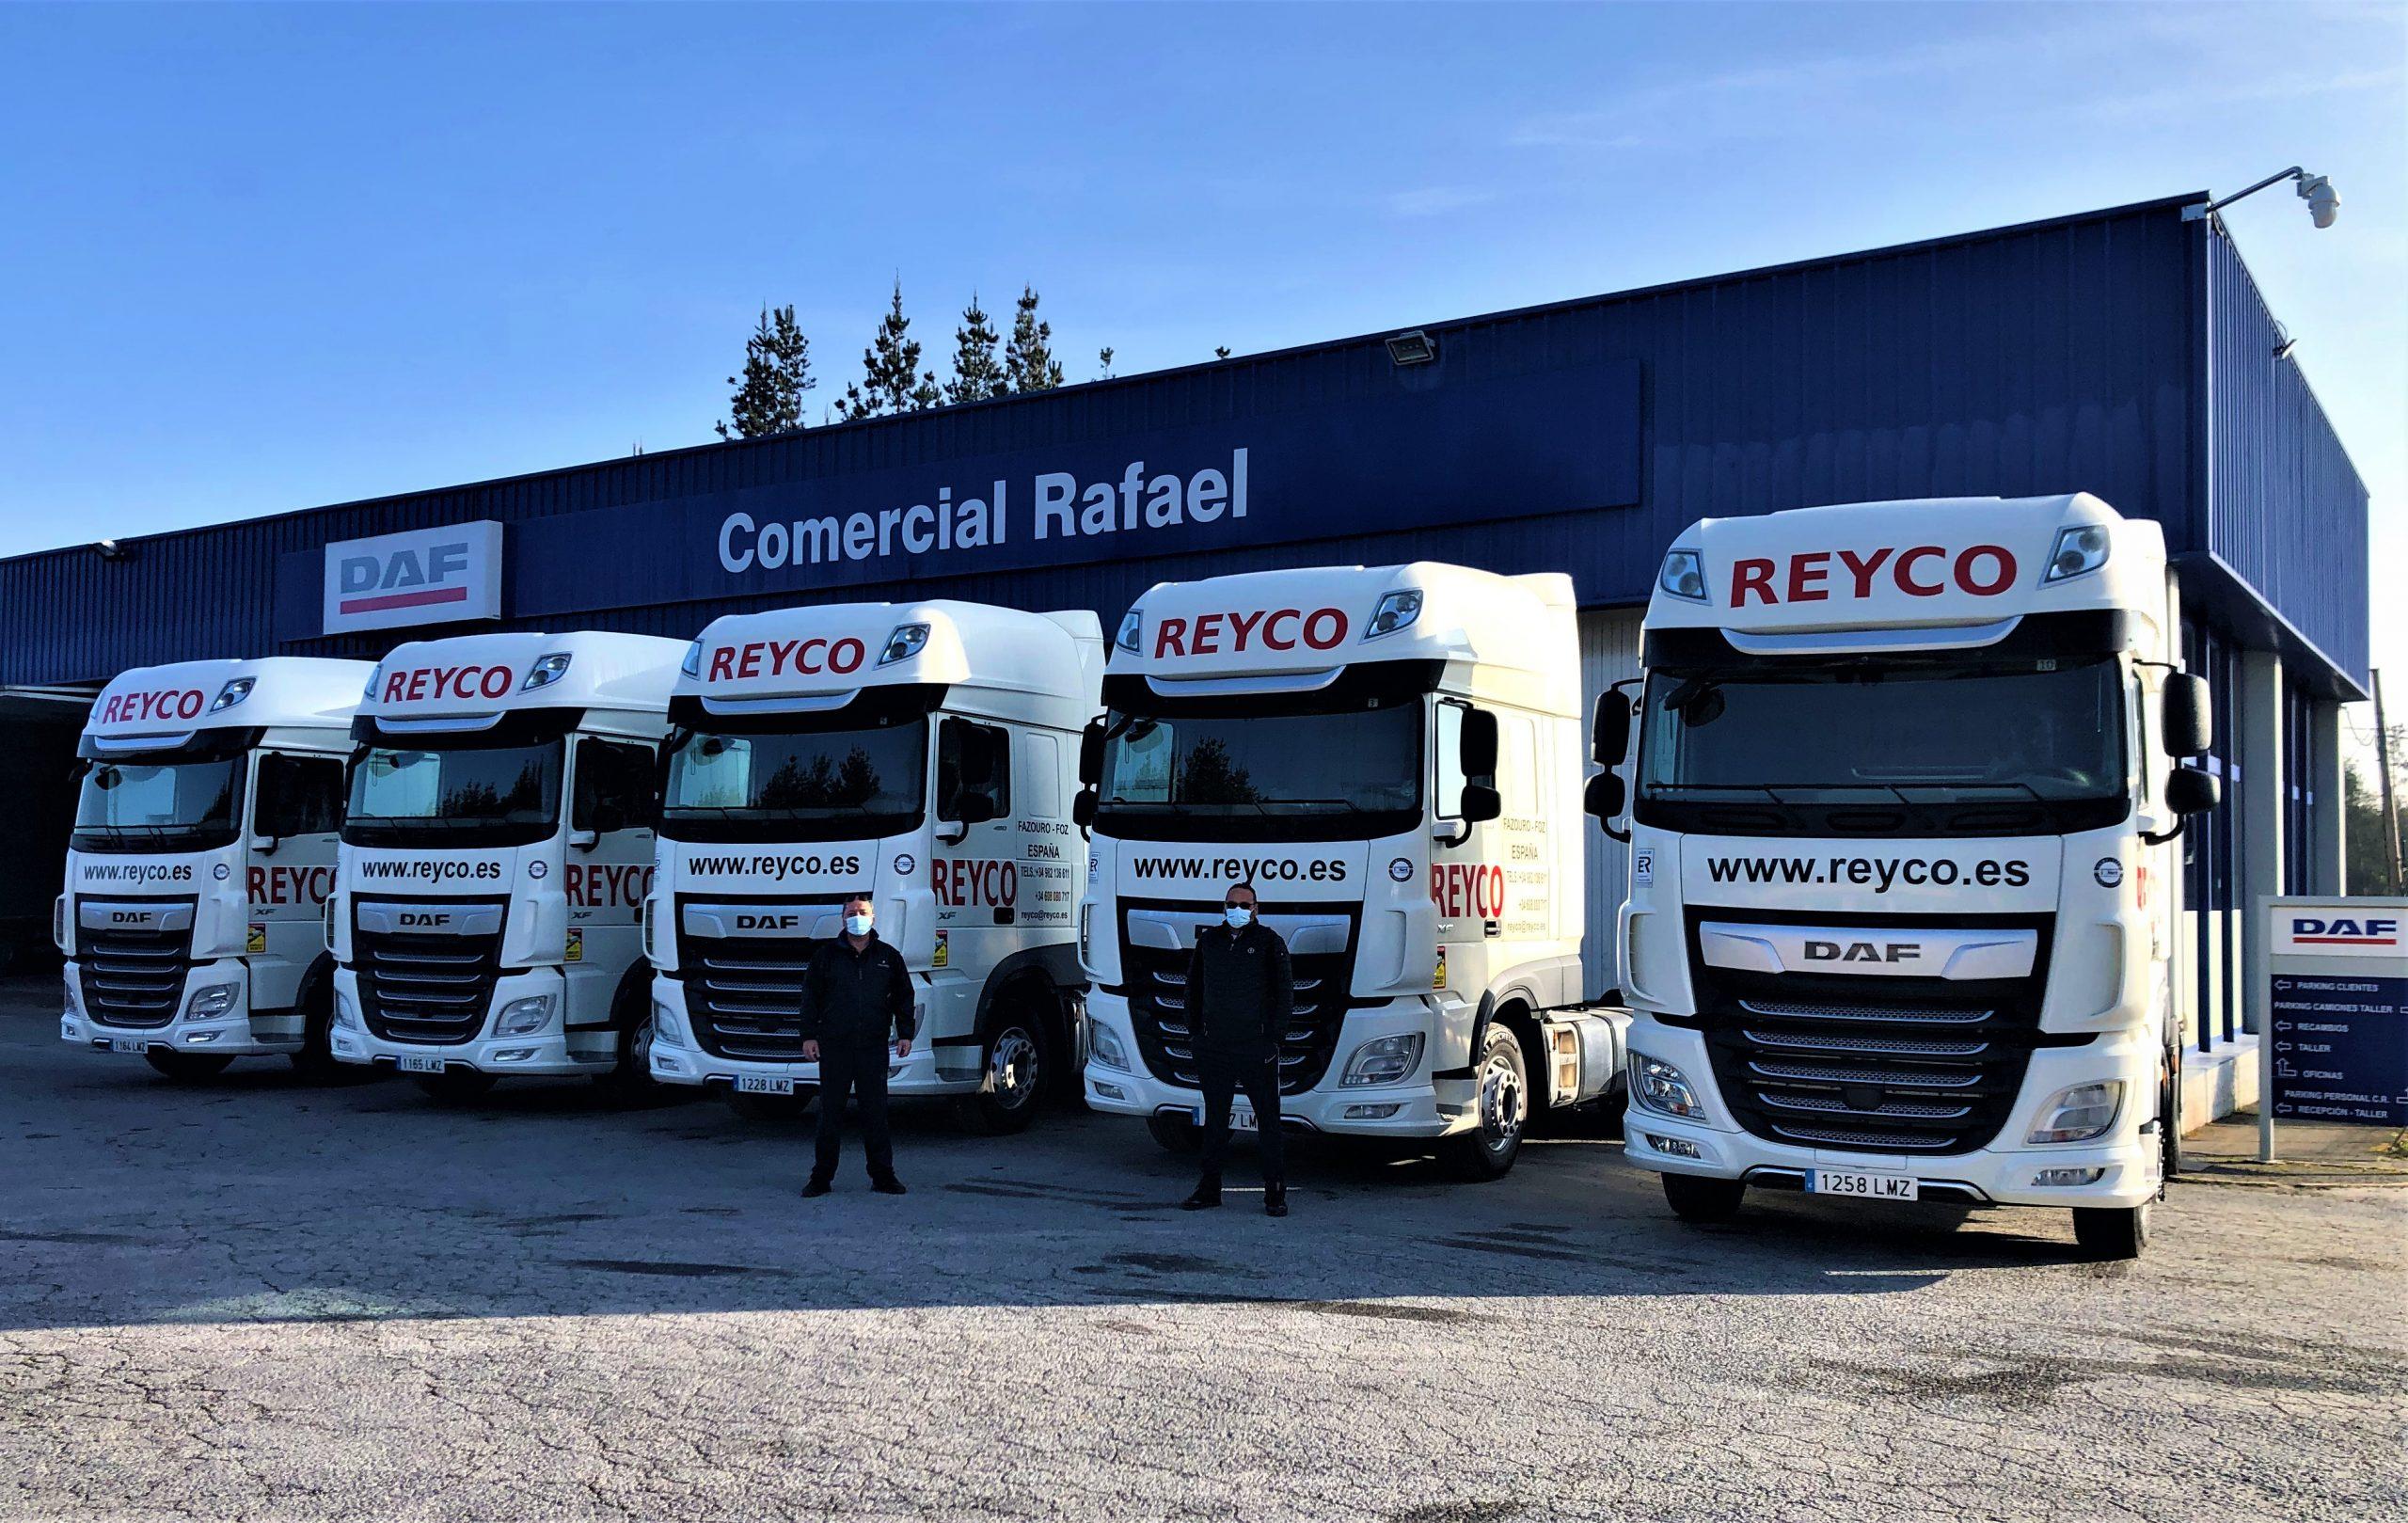 20 novos camións para superar os 200 empregos directos en REYCO